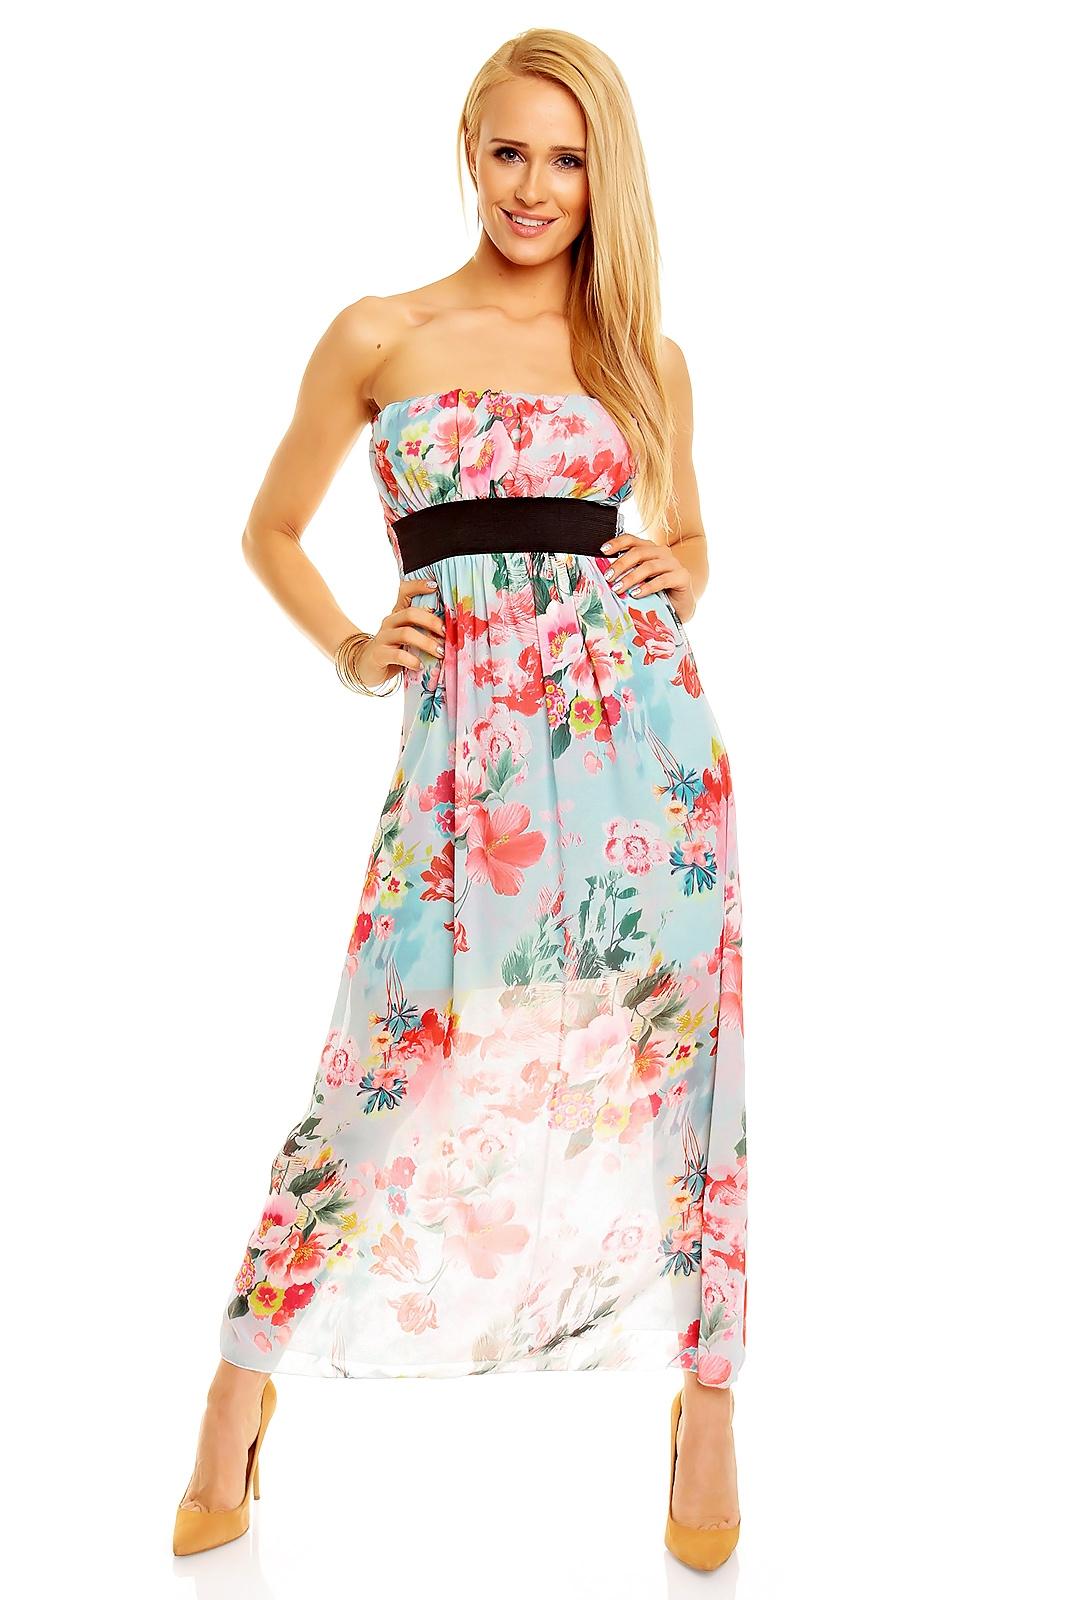 ... langes Sommerkleid bunt aqua mint rosa weiß beige  günstige kleider